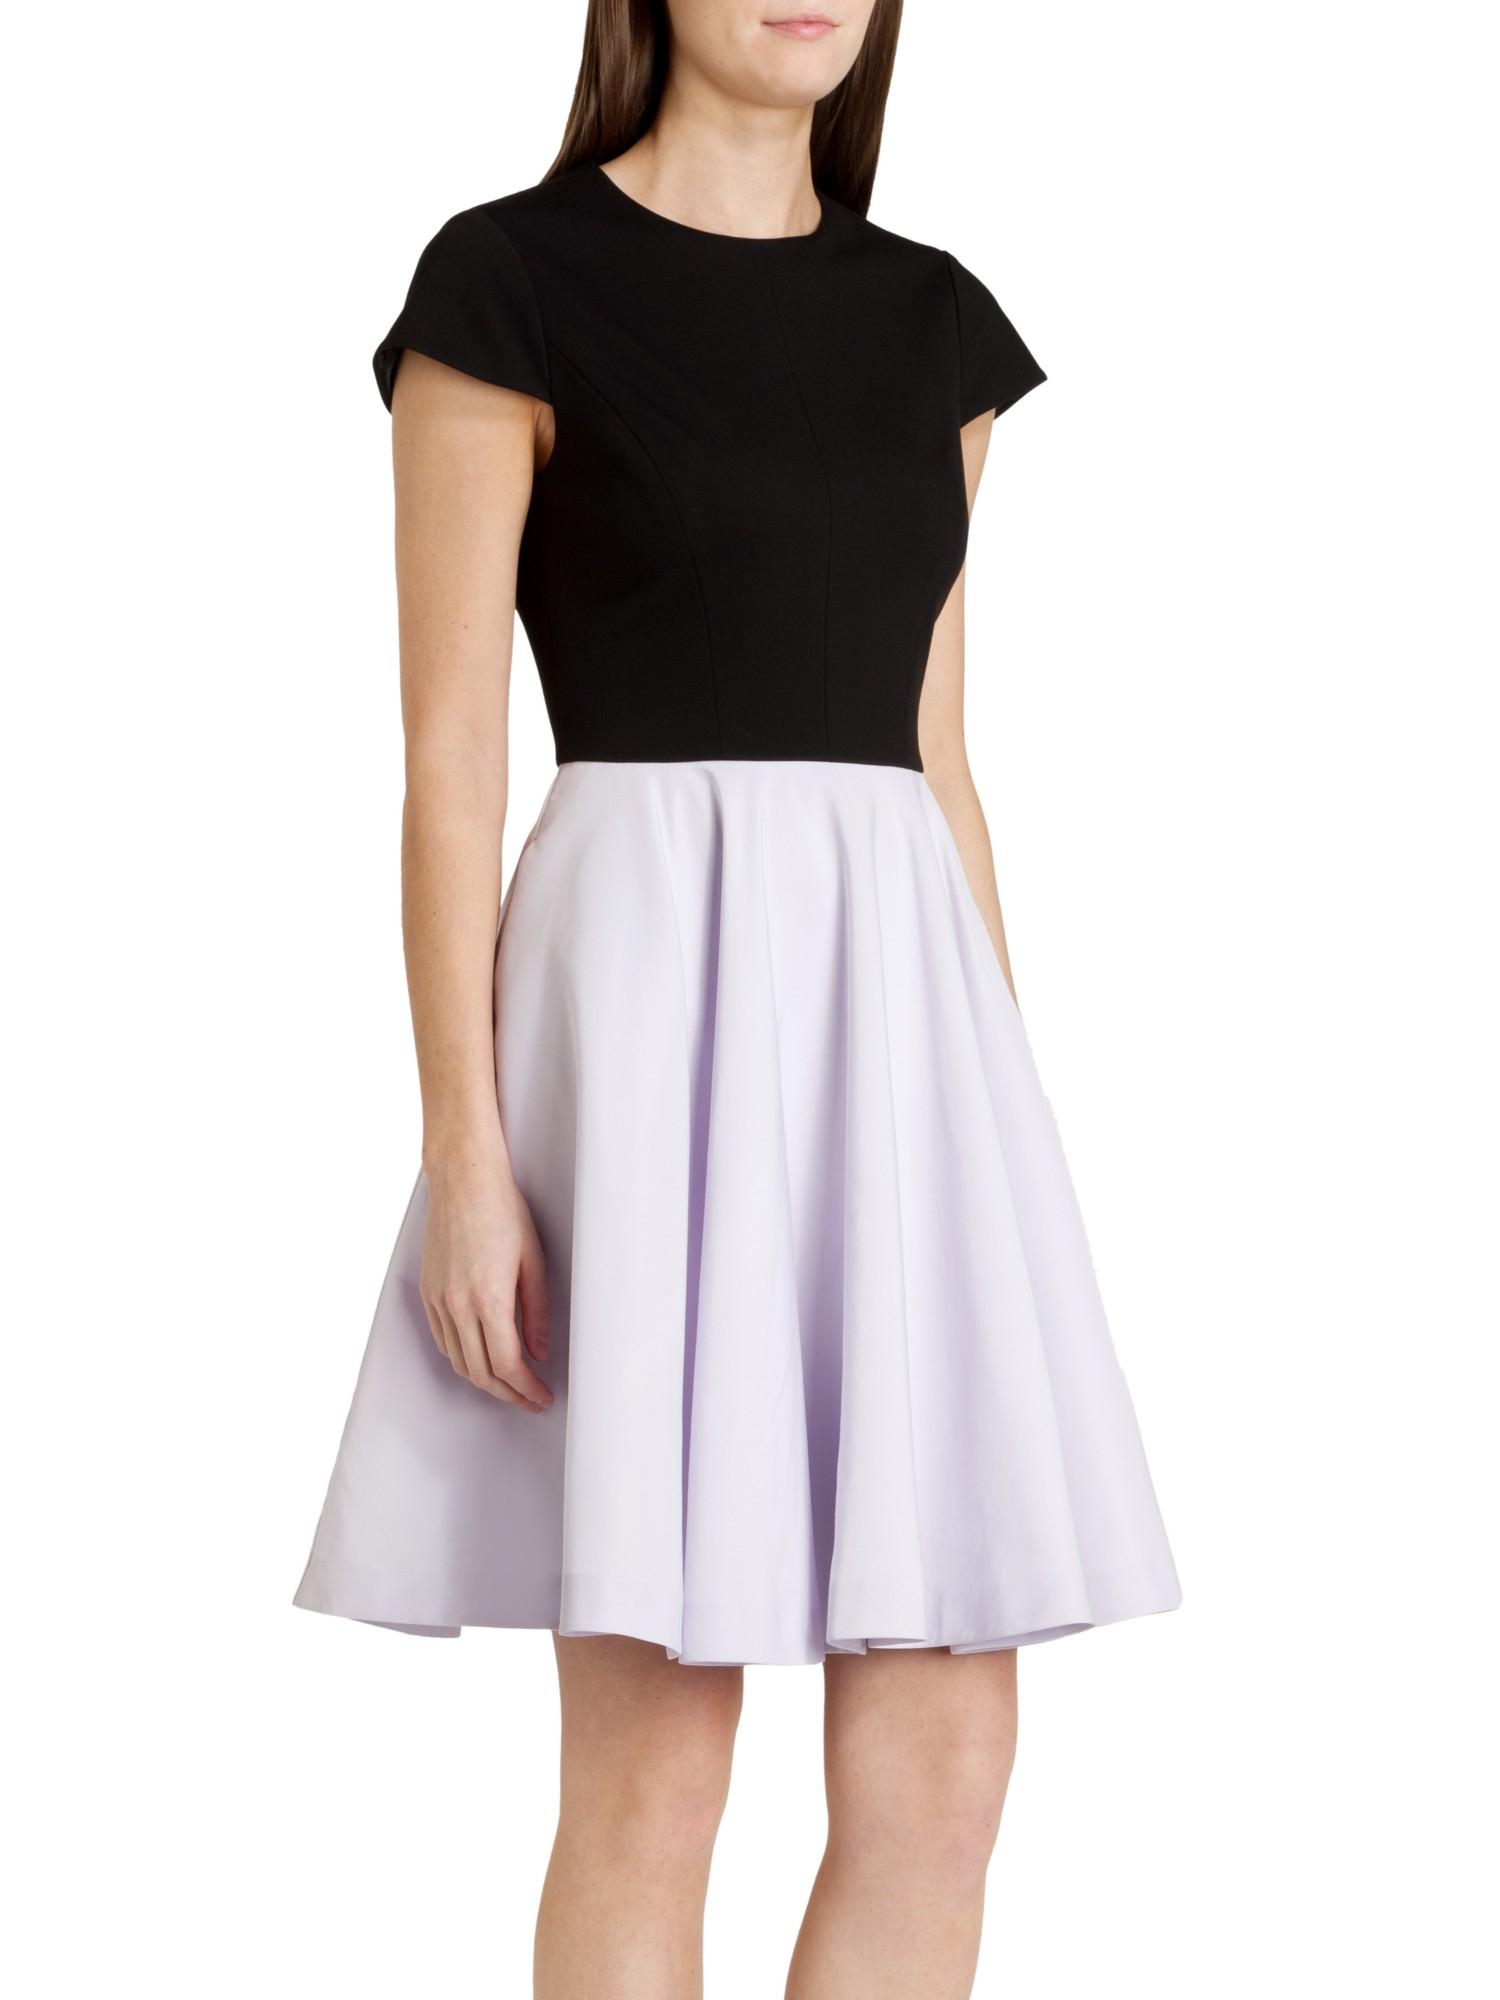 6312b1177 Ted baker contrast full skirt dress in purple lyst jpg 1500x2000 Ted baker  lavender dress